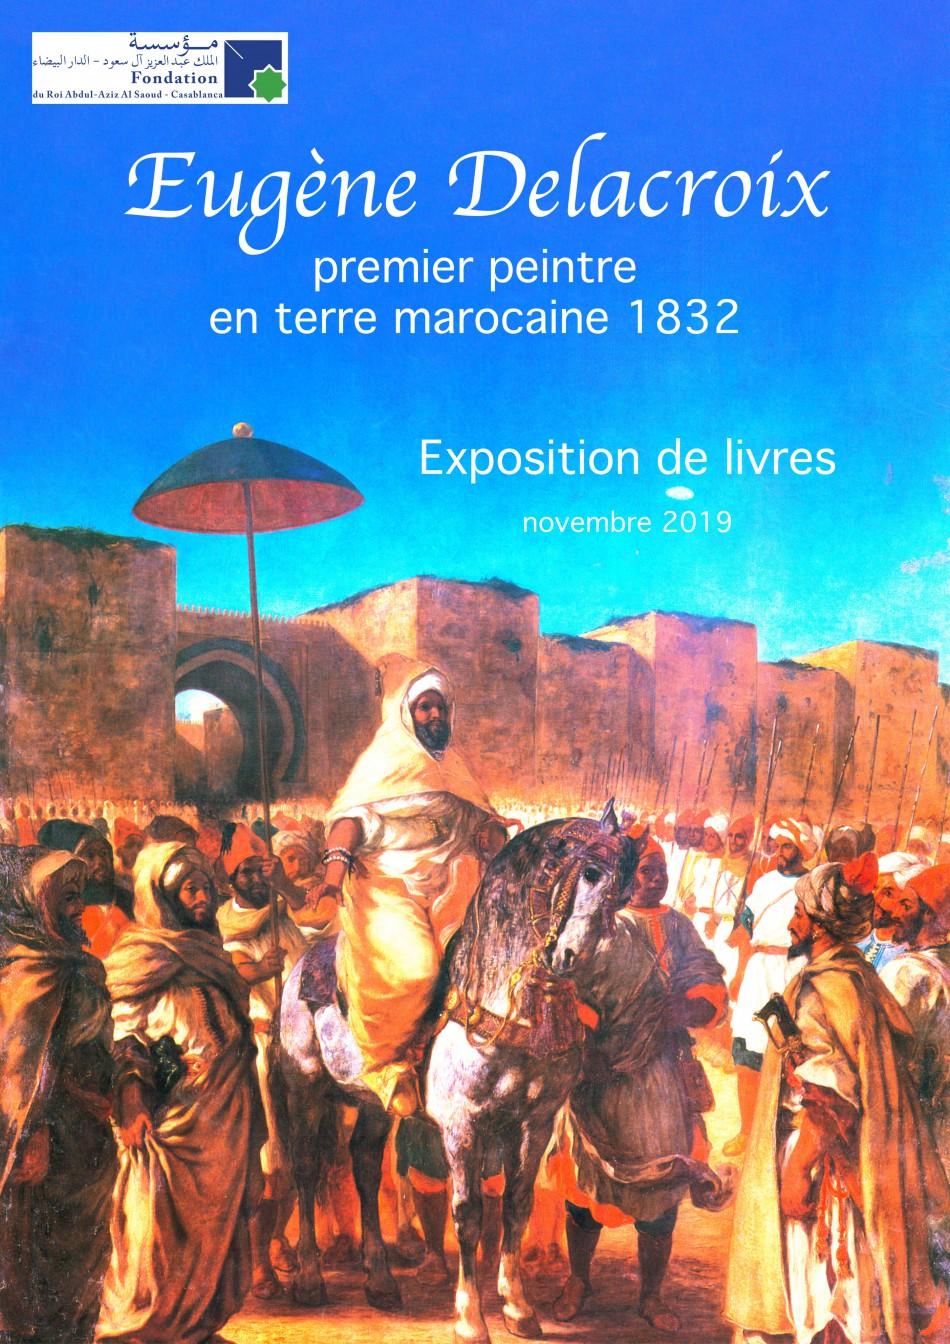 Exposition du mois : Eugène Delacroix, premier peintre en terre marocaine 1832